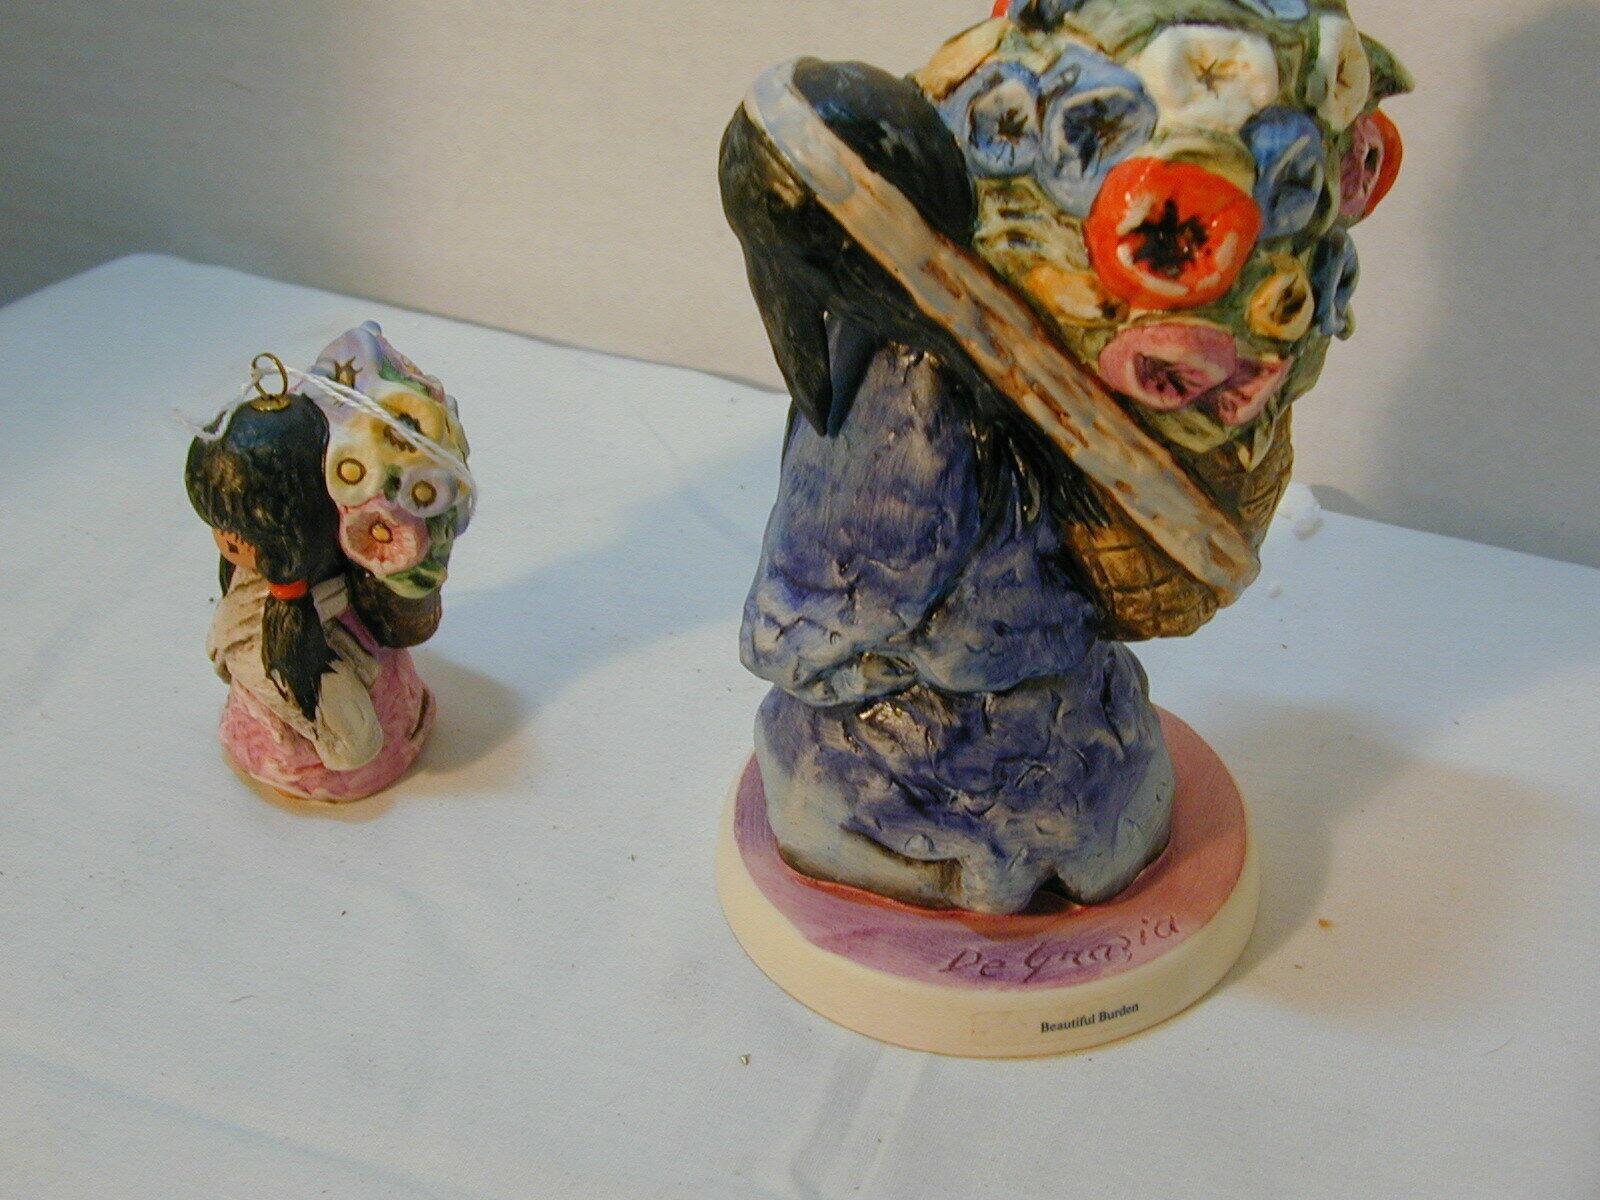 Goebel set of 2 girl figures carrying flowers